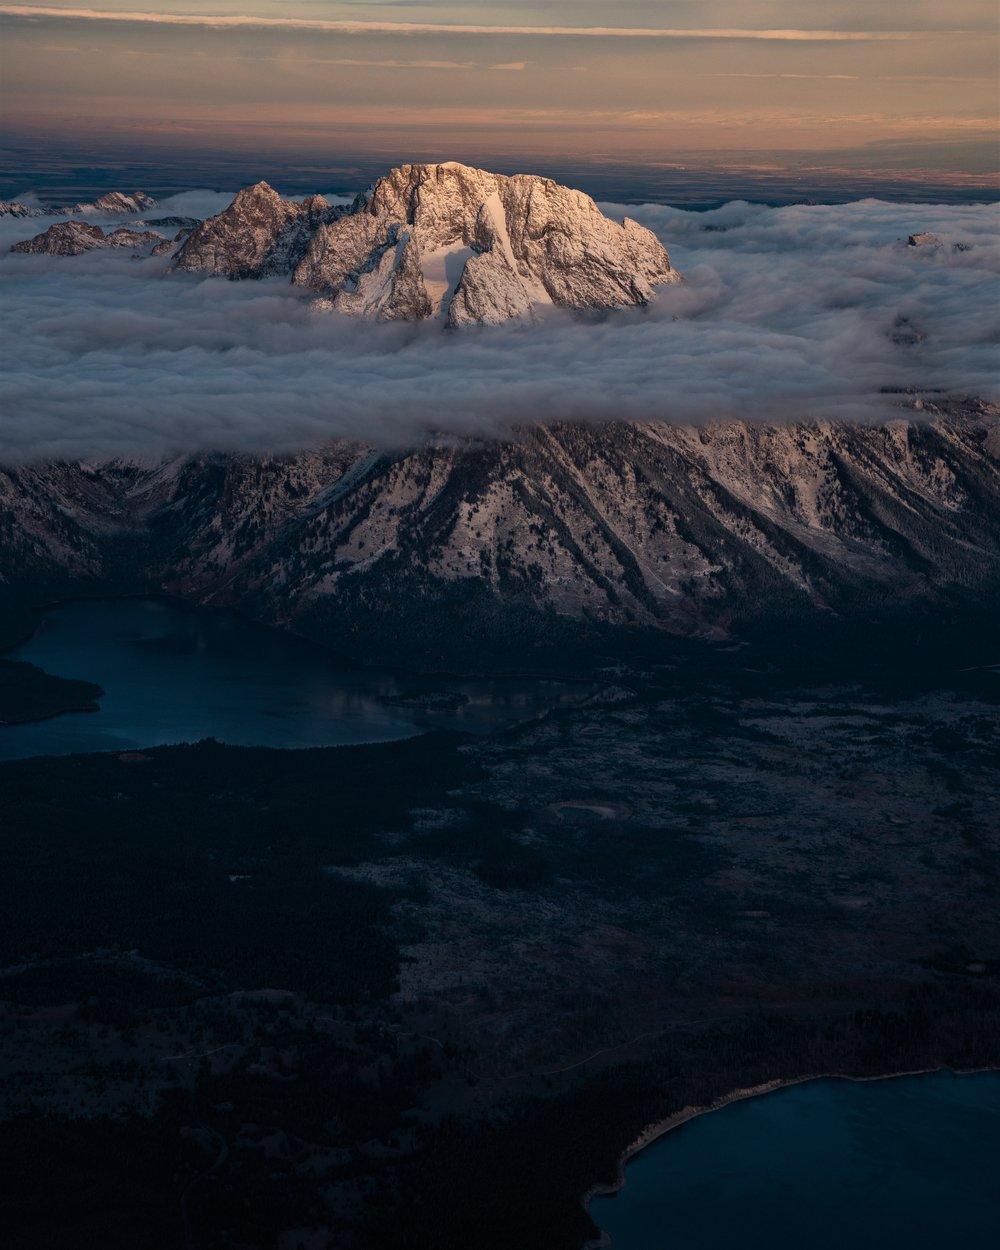 Mt. Moran, Wyoming